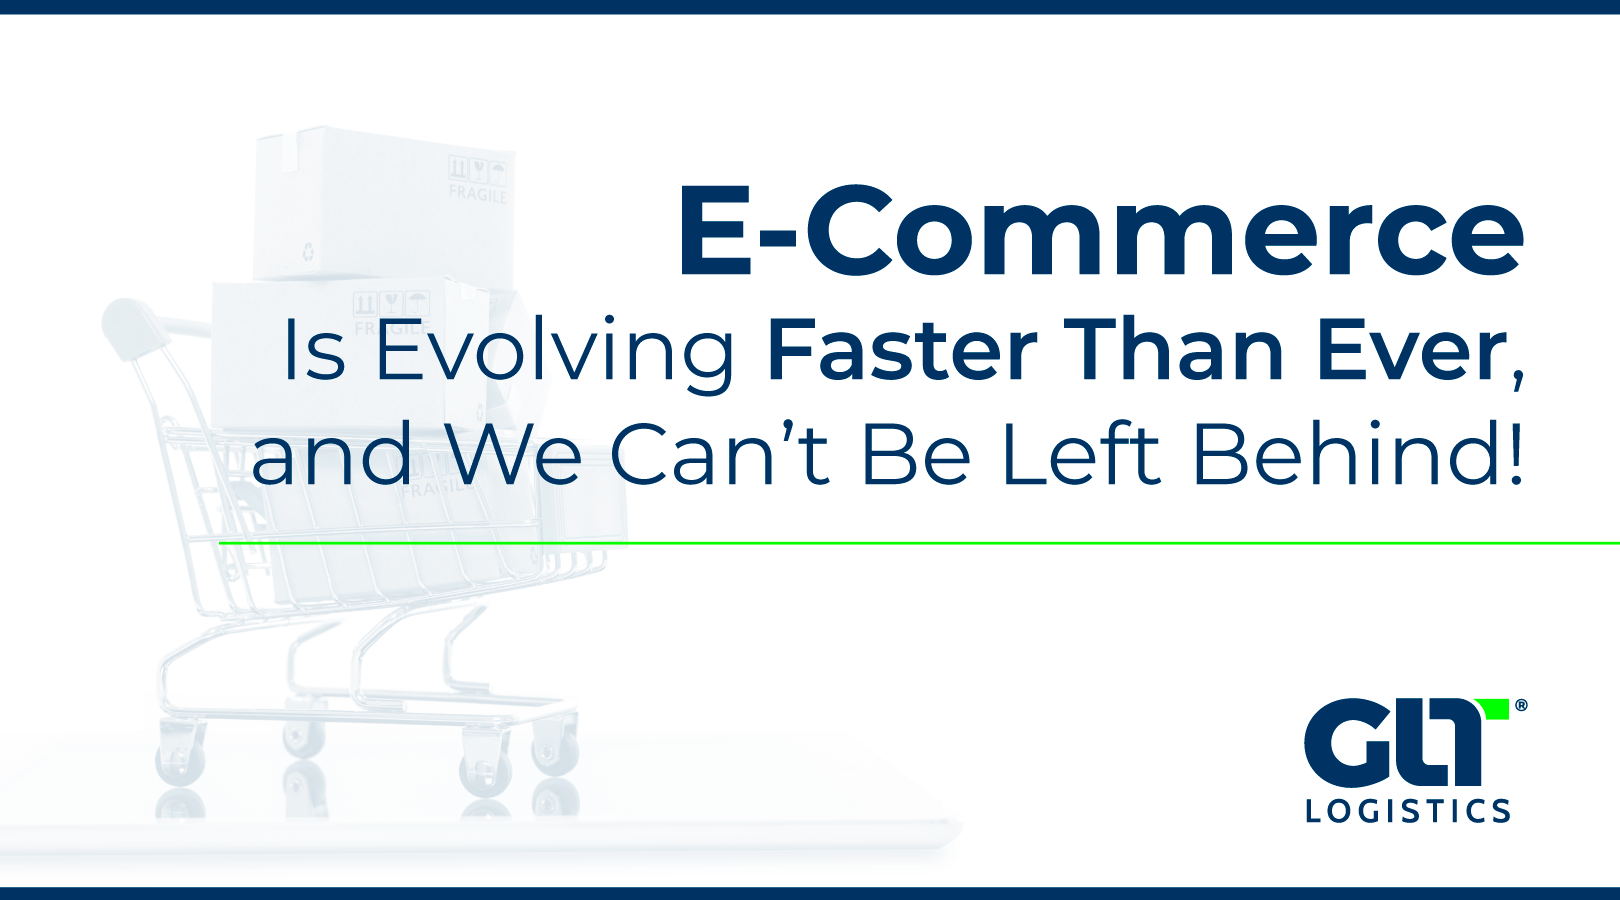 E-Commerce-is-Evolving-Pict-B